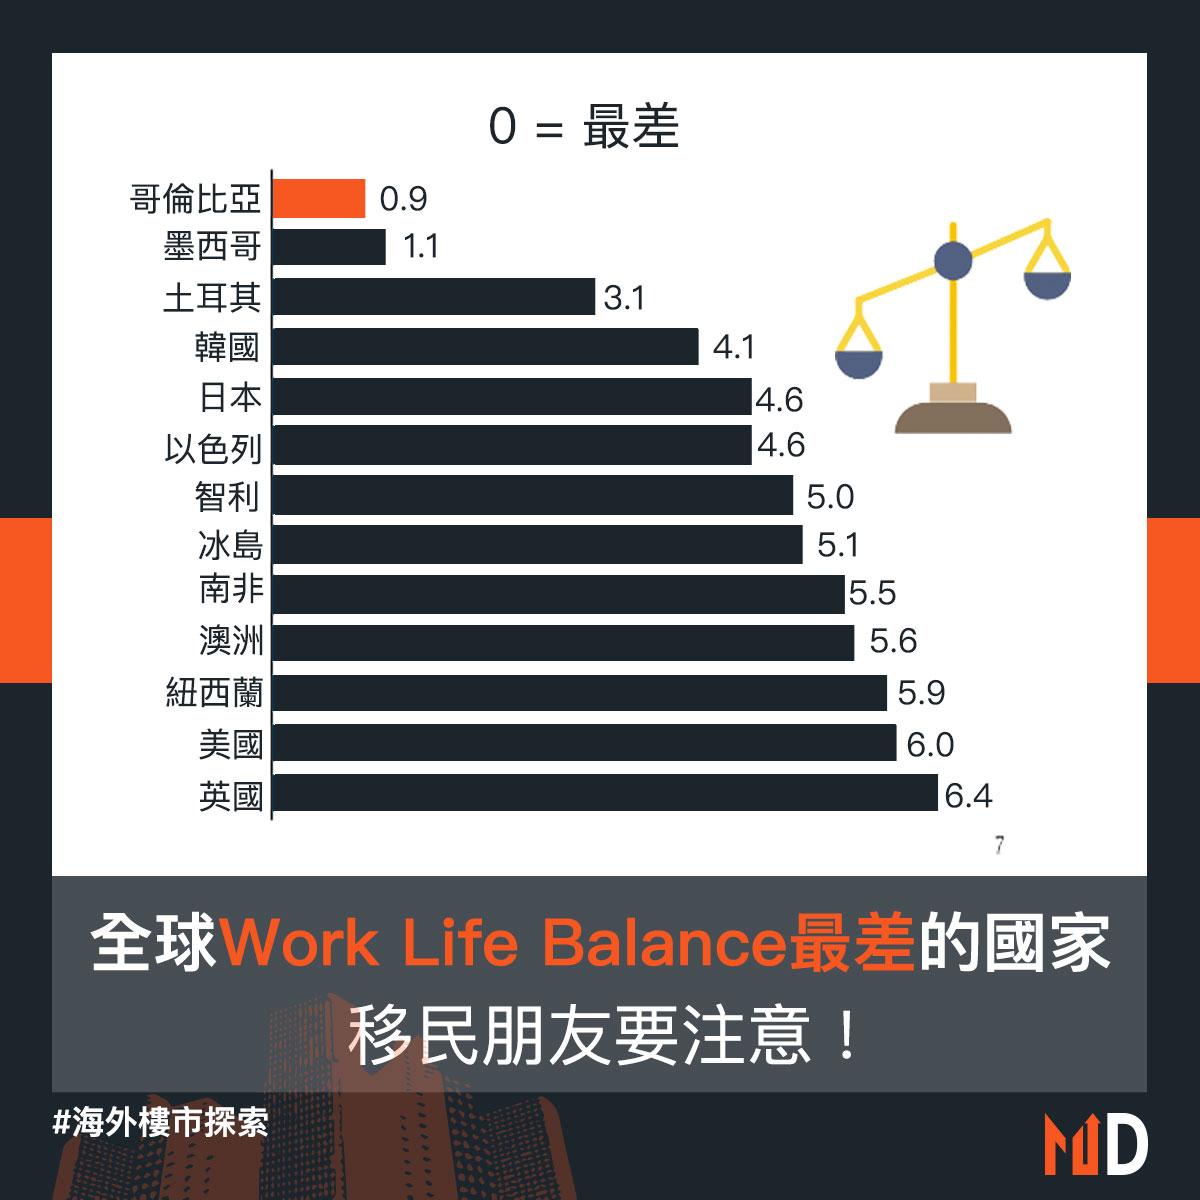 【移民攻略】移民朋友要注意! 全球work life balance最差的國家